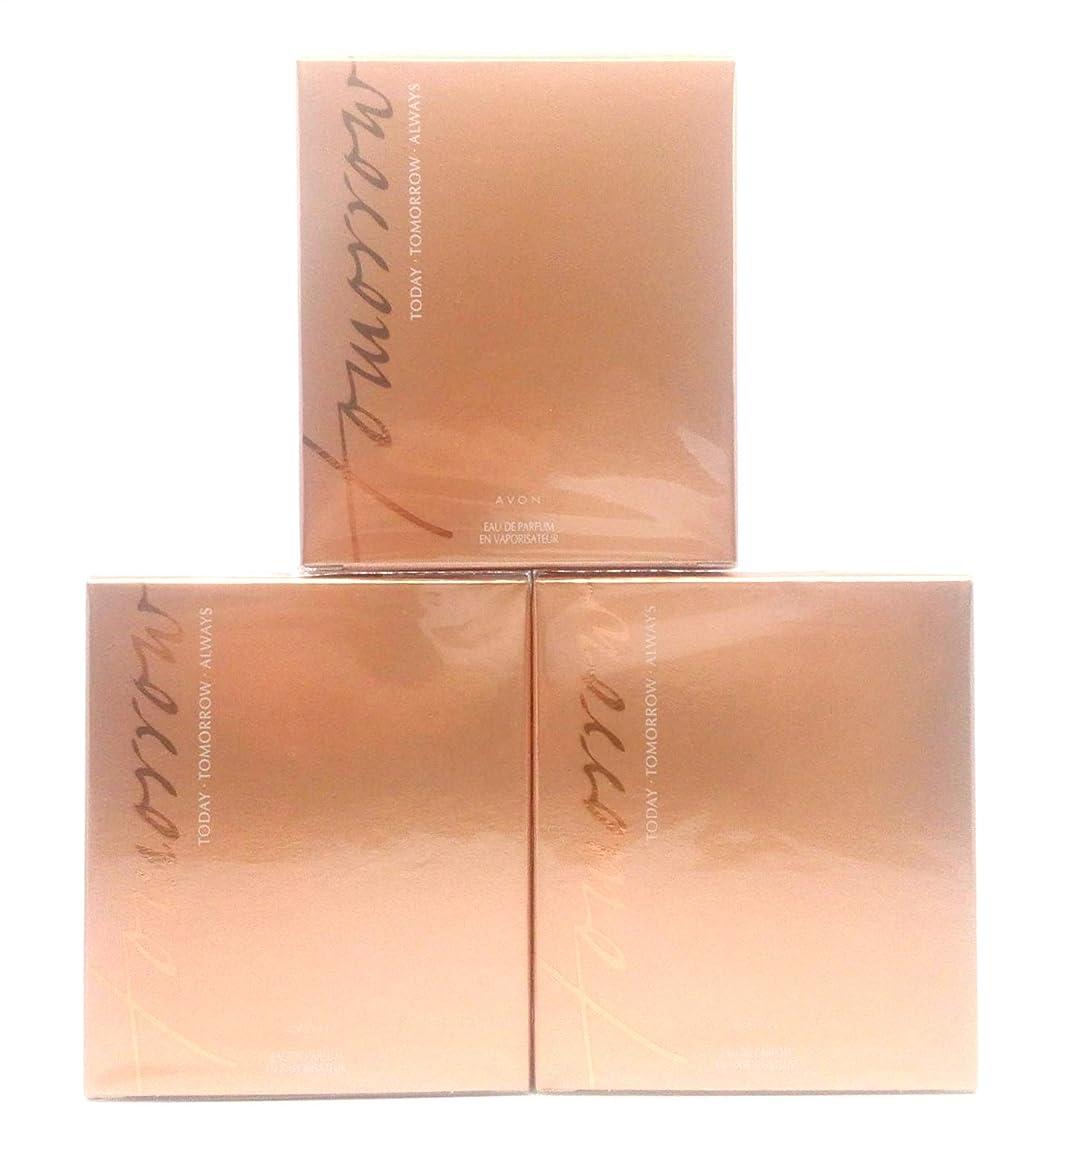 摩擦変化するラインナップ3 x AVON Today TOMORROW Always For Her Eau de Parfum 50ml